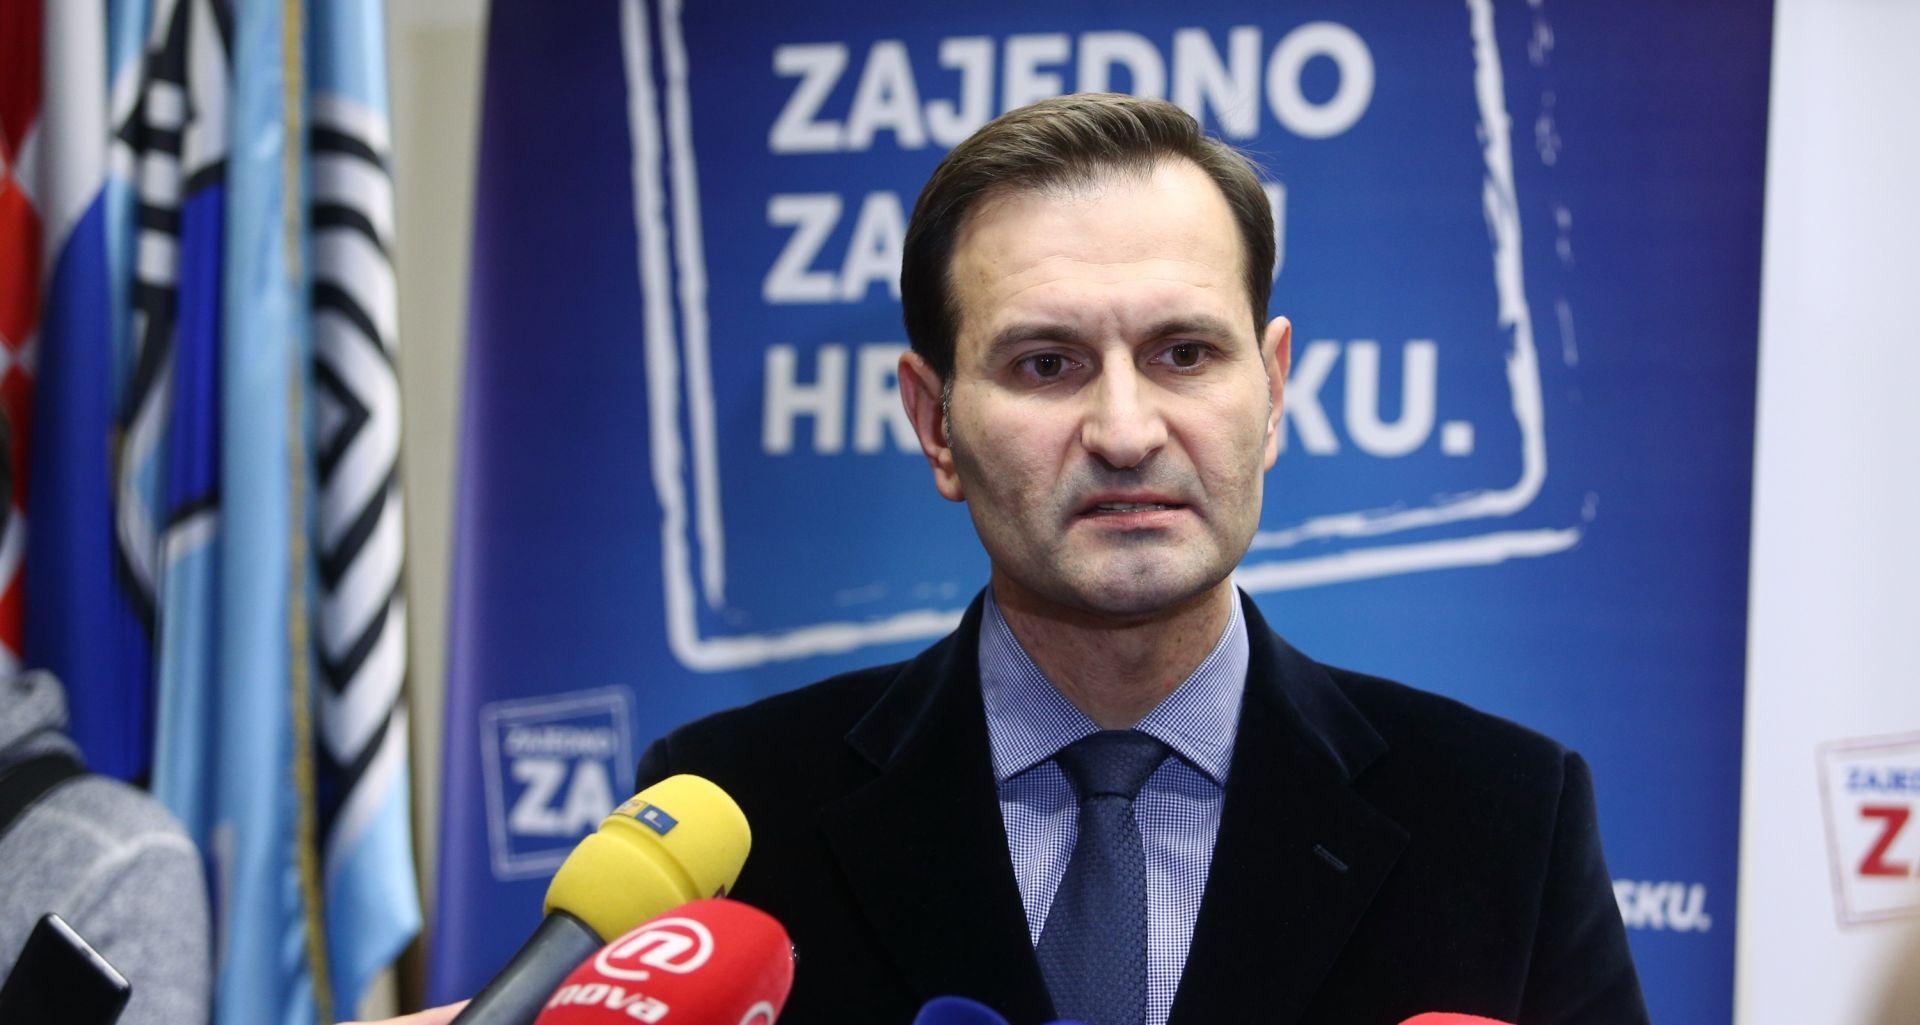 Kovač: Hrvatska neće biti zona čekanja i sabirni centar, zatvorit ćemo i granice ako bude potrebno